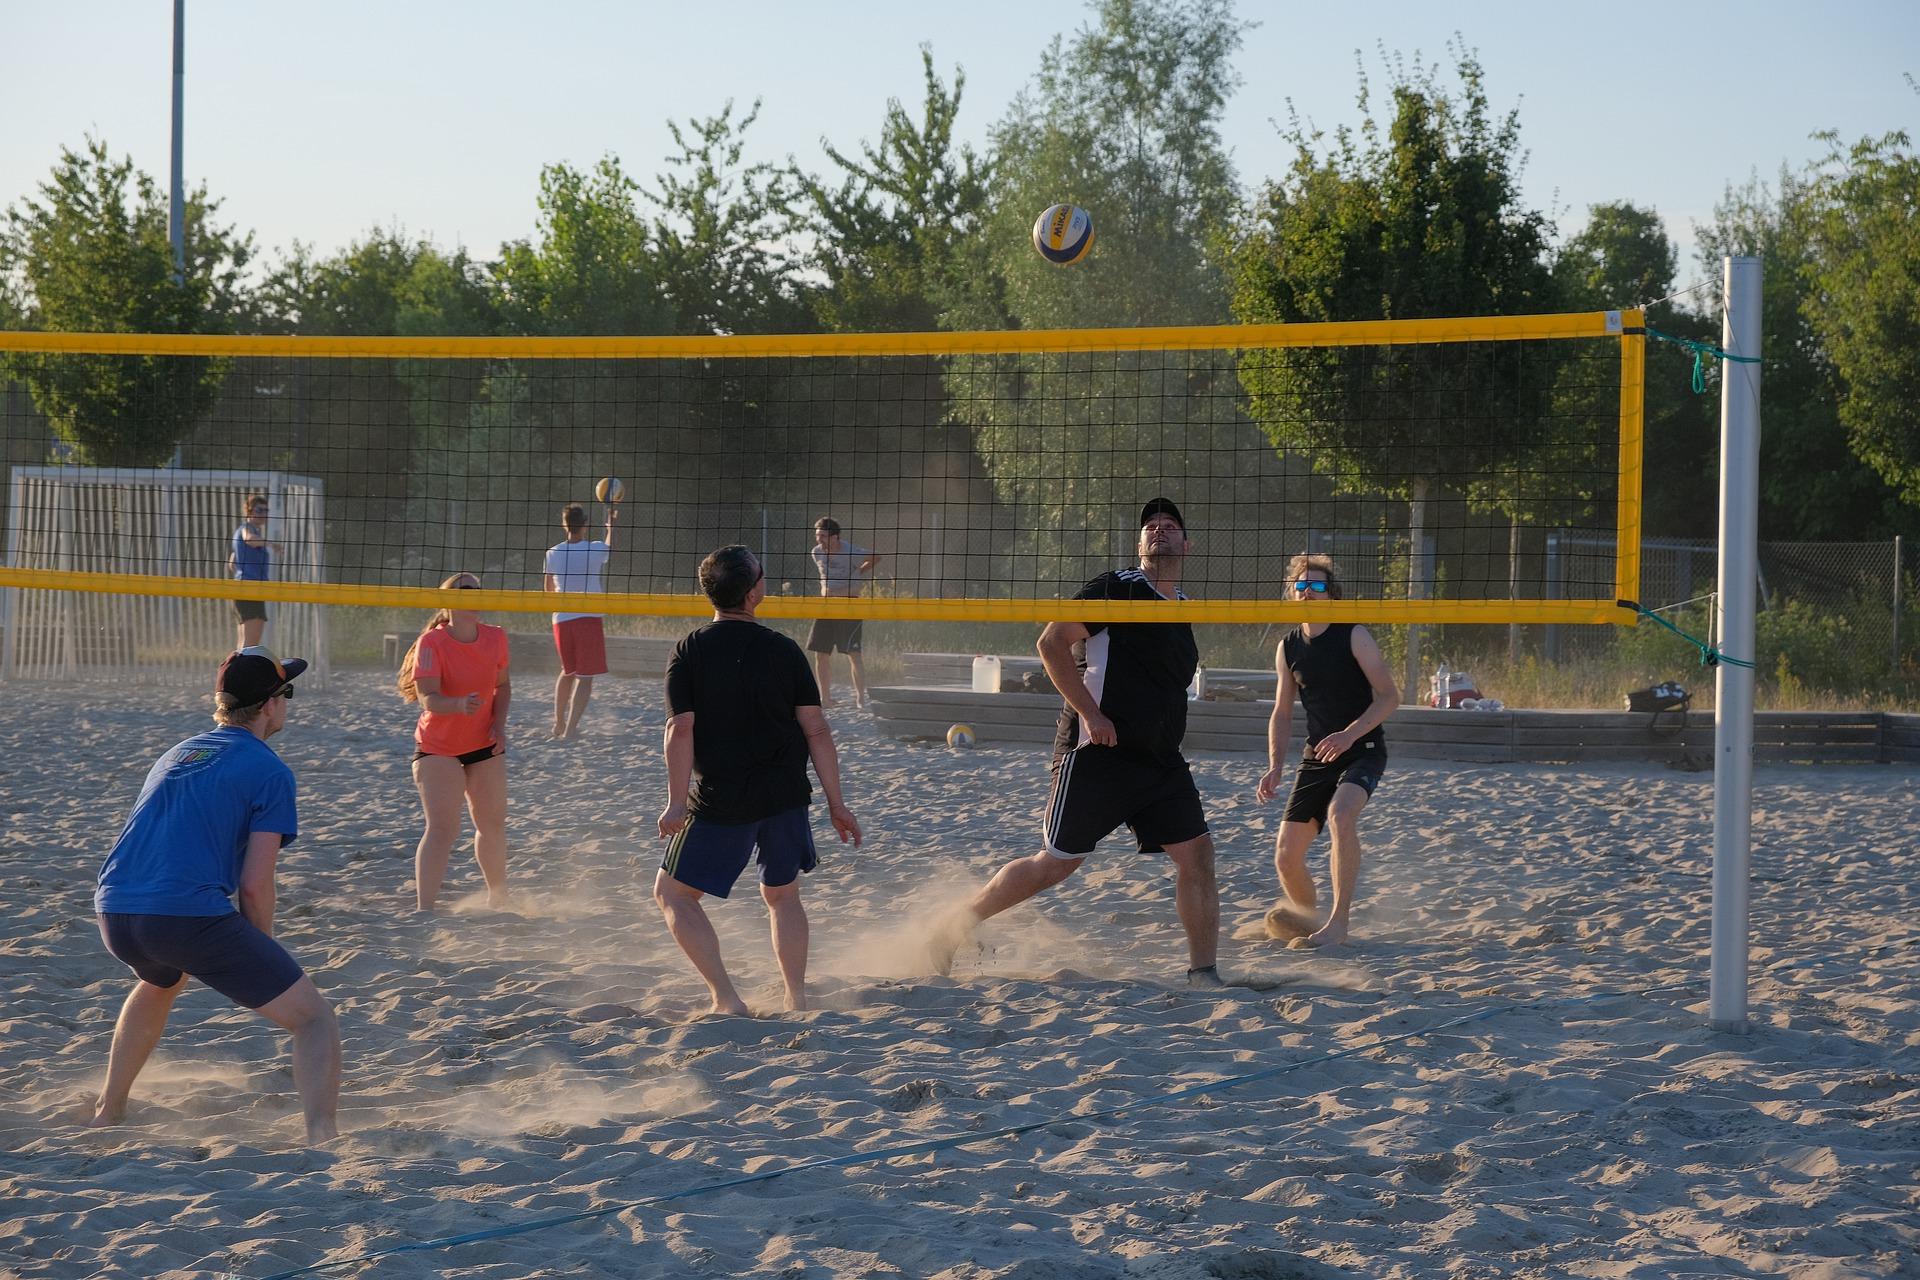 Beach-Volleyballturnier der FV Freizeit-, Senioren- und Gesundheitssport